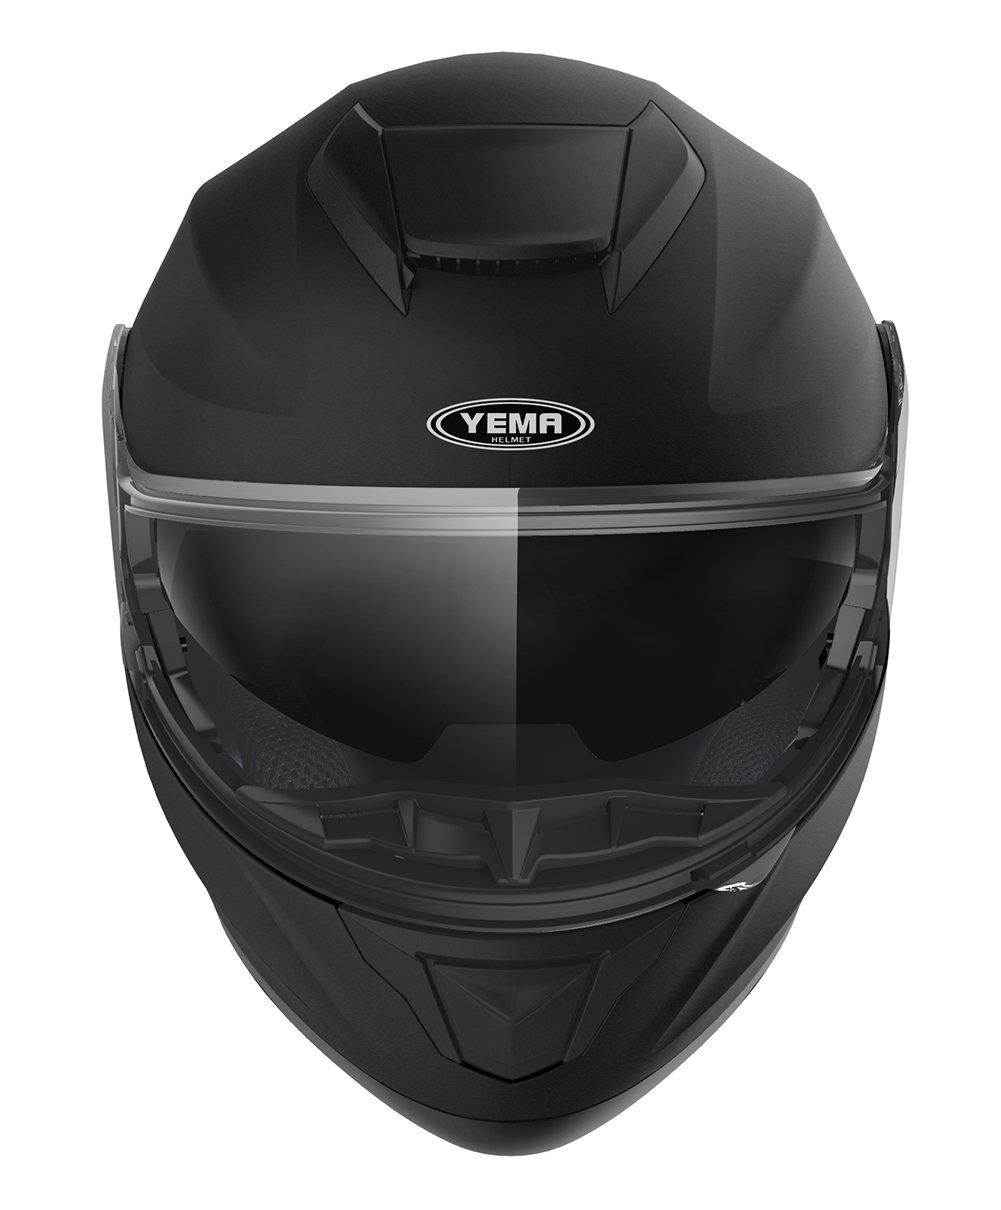 Yema YM-926 Rollerhelm Sturzhelm mit Doppelvisier Sonnenblende ECE f/ür Damen Herren Erwachsene-Schwarz Matt-M Motorradhelm Klapphelm Integralhelm Fullface Helm